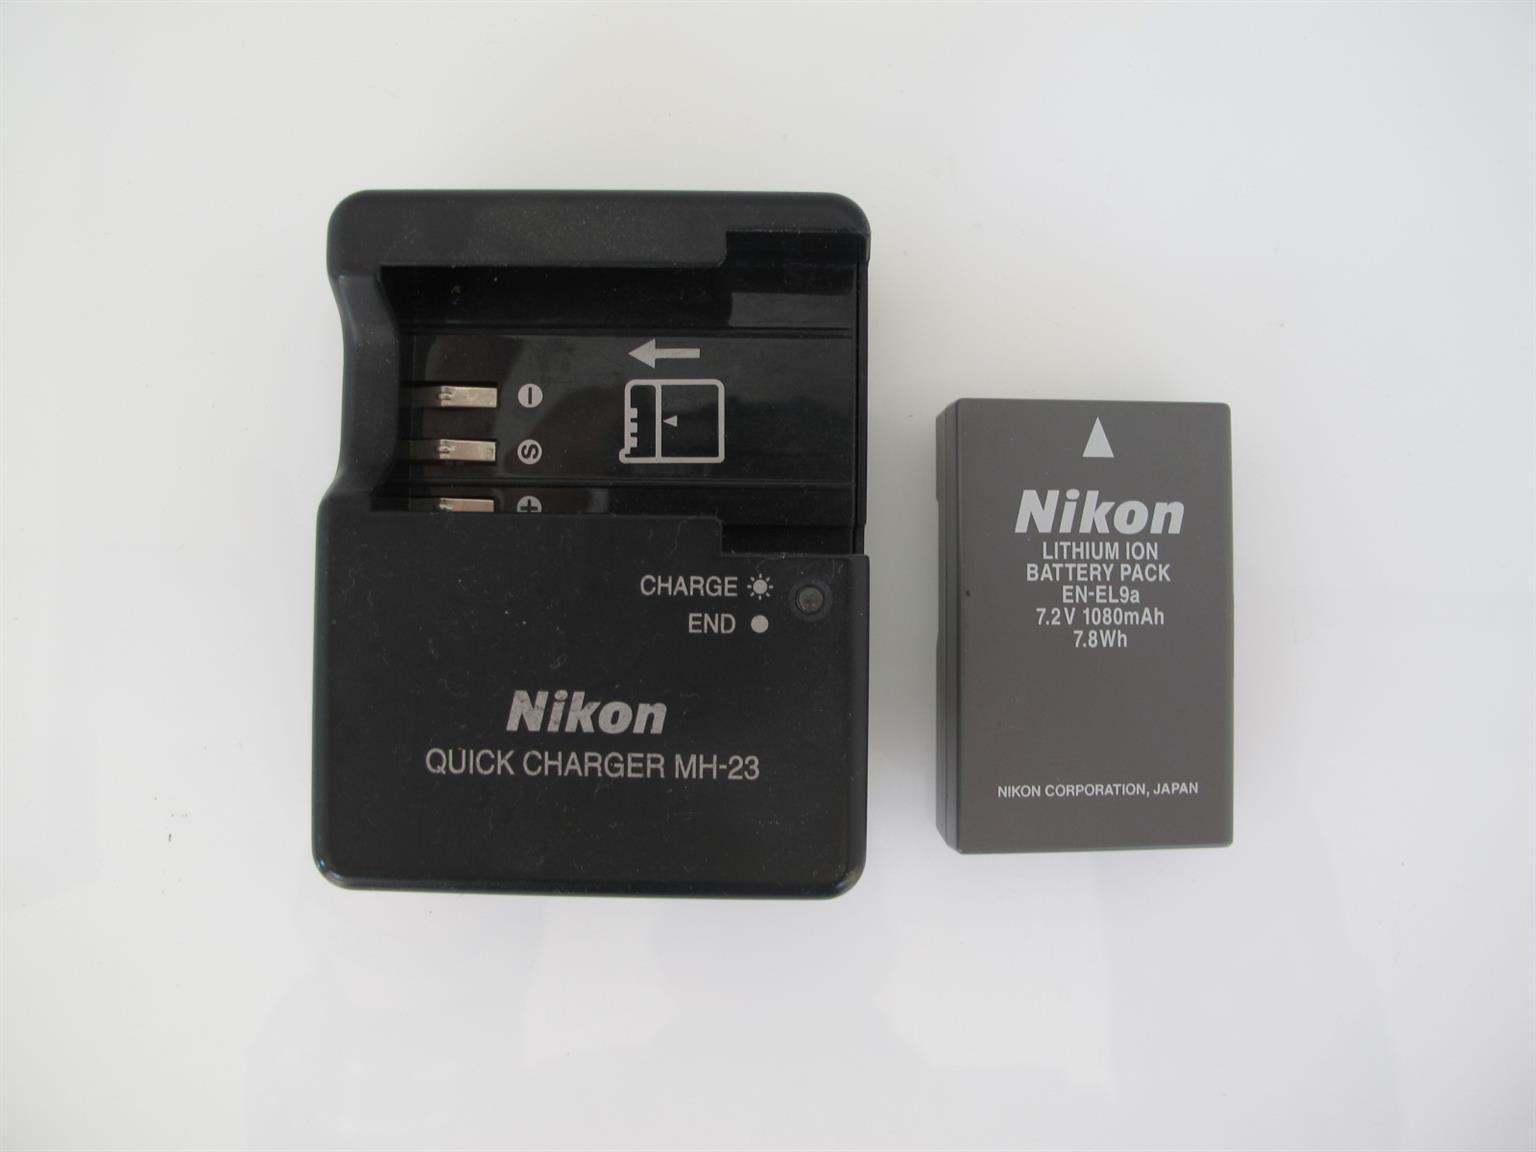 Nikon EN-EL9a fits D5000, D3000, D40, and D60 and Charger